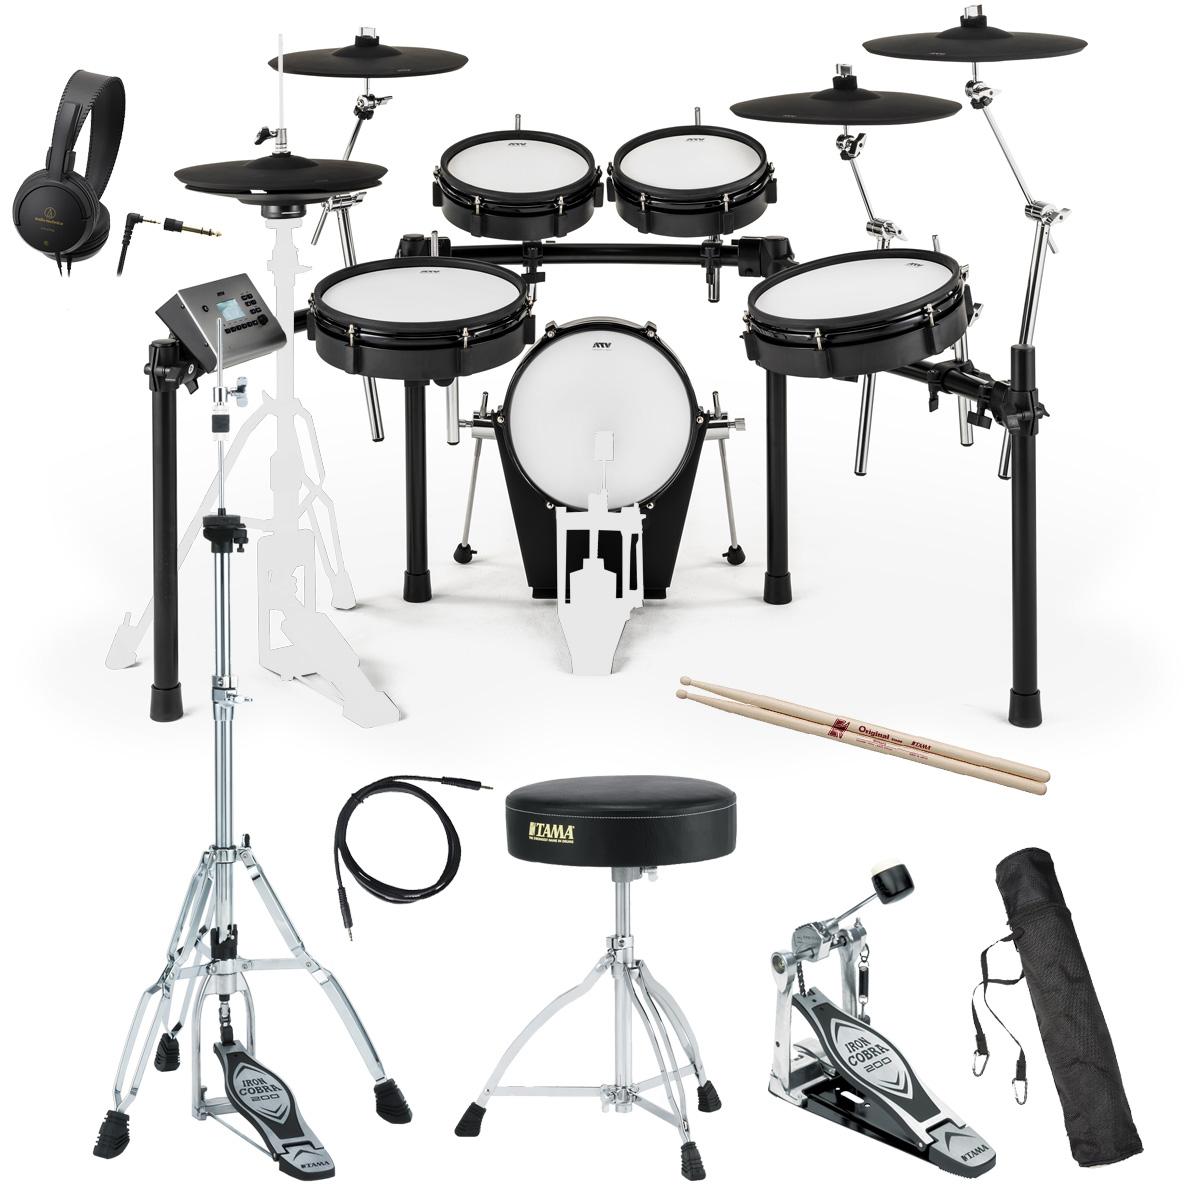 【タイムセール:26日12時まで】【在庫あります】ATV / EXS-5 電子ドラム TAMAスターターパック